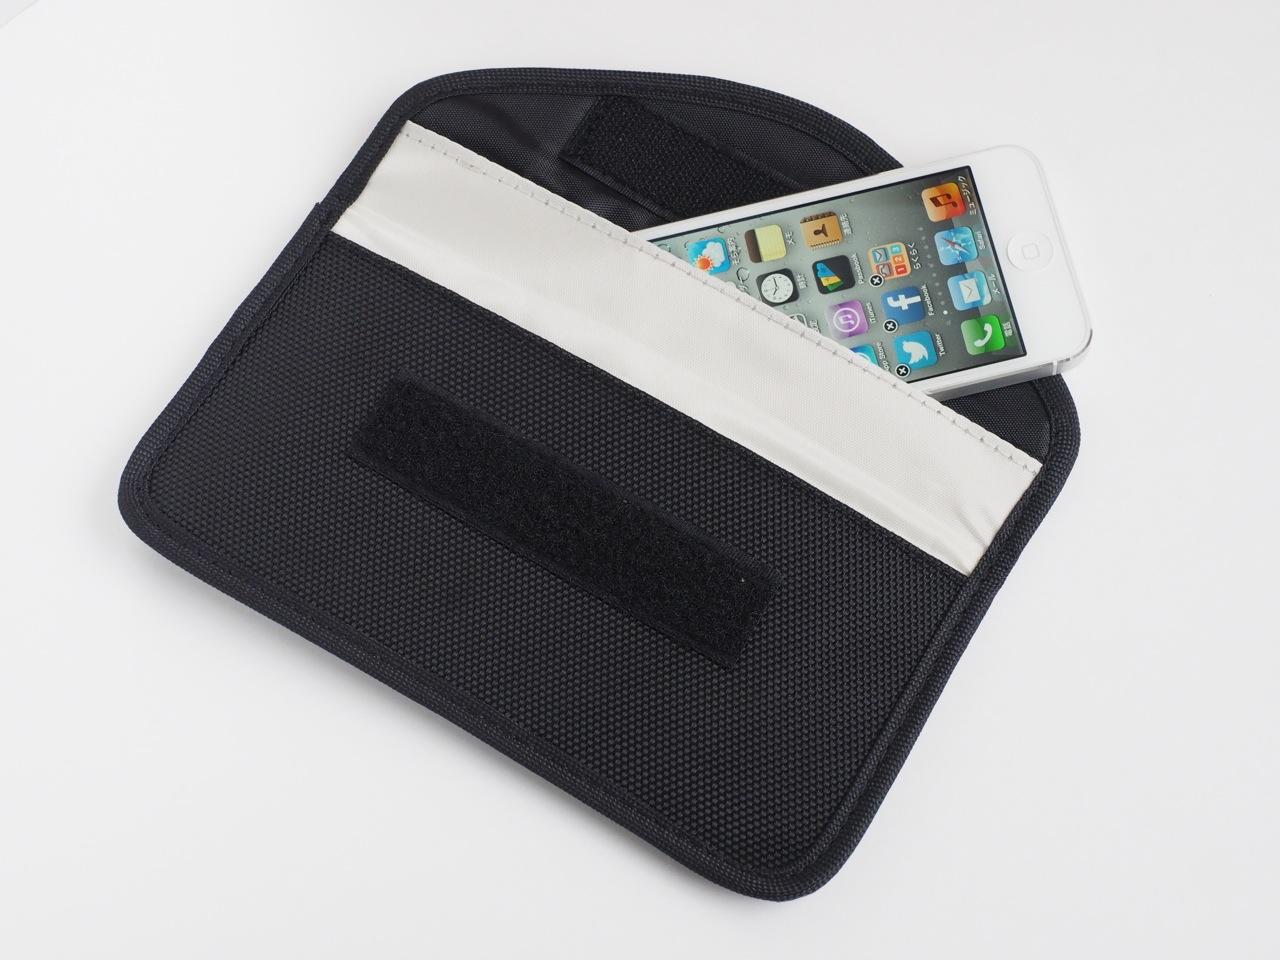 スマホ、携帯用電波遮断バッグ